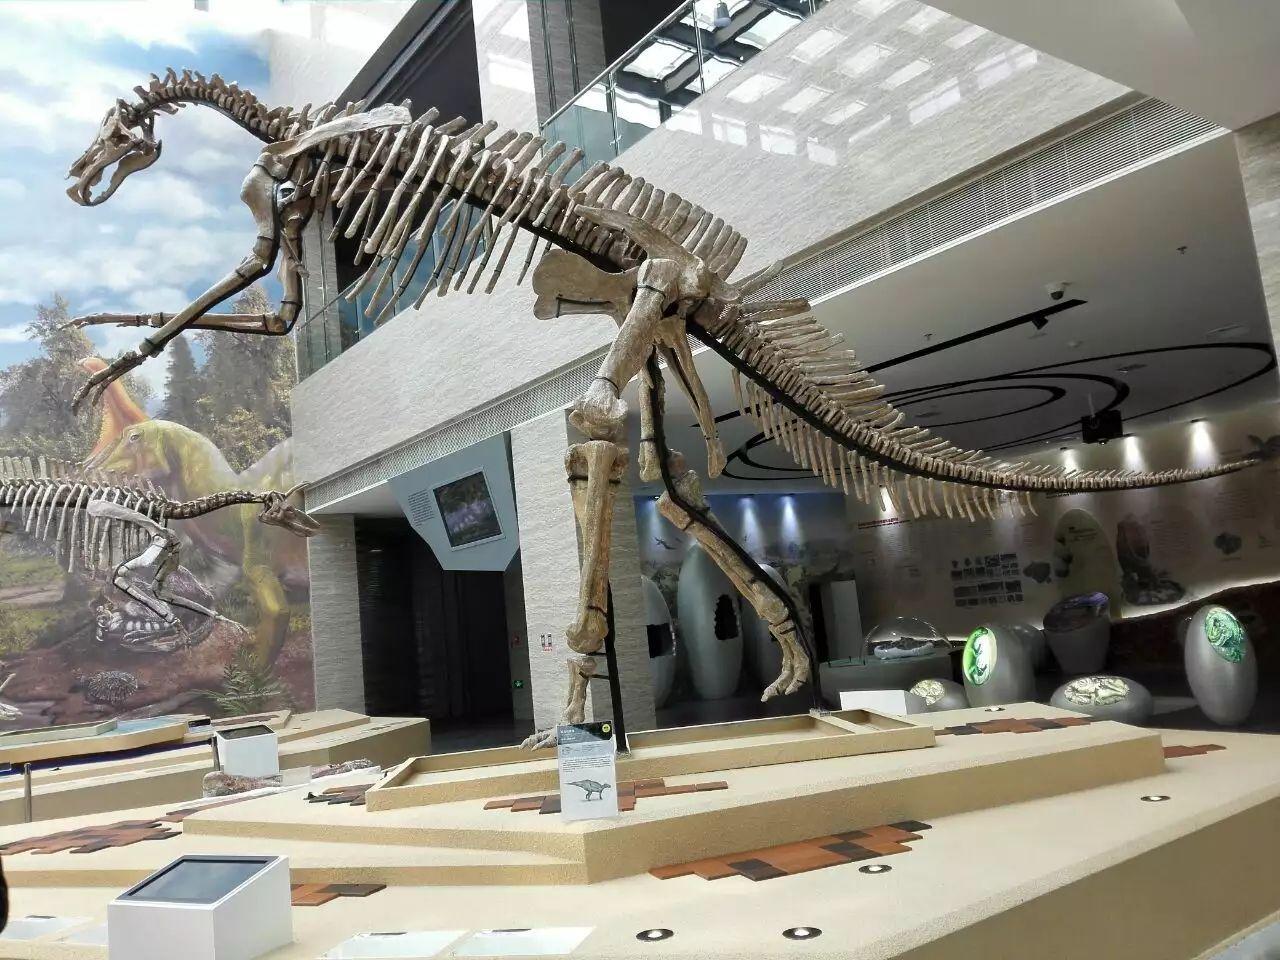 恐龙之乡在哪_莱阳白垩纪国家地质公园攻略,莱阳白垩纪国家地质公园门票/游玩 ...